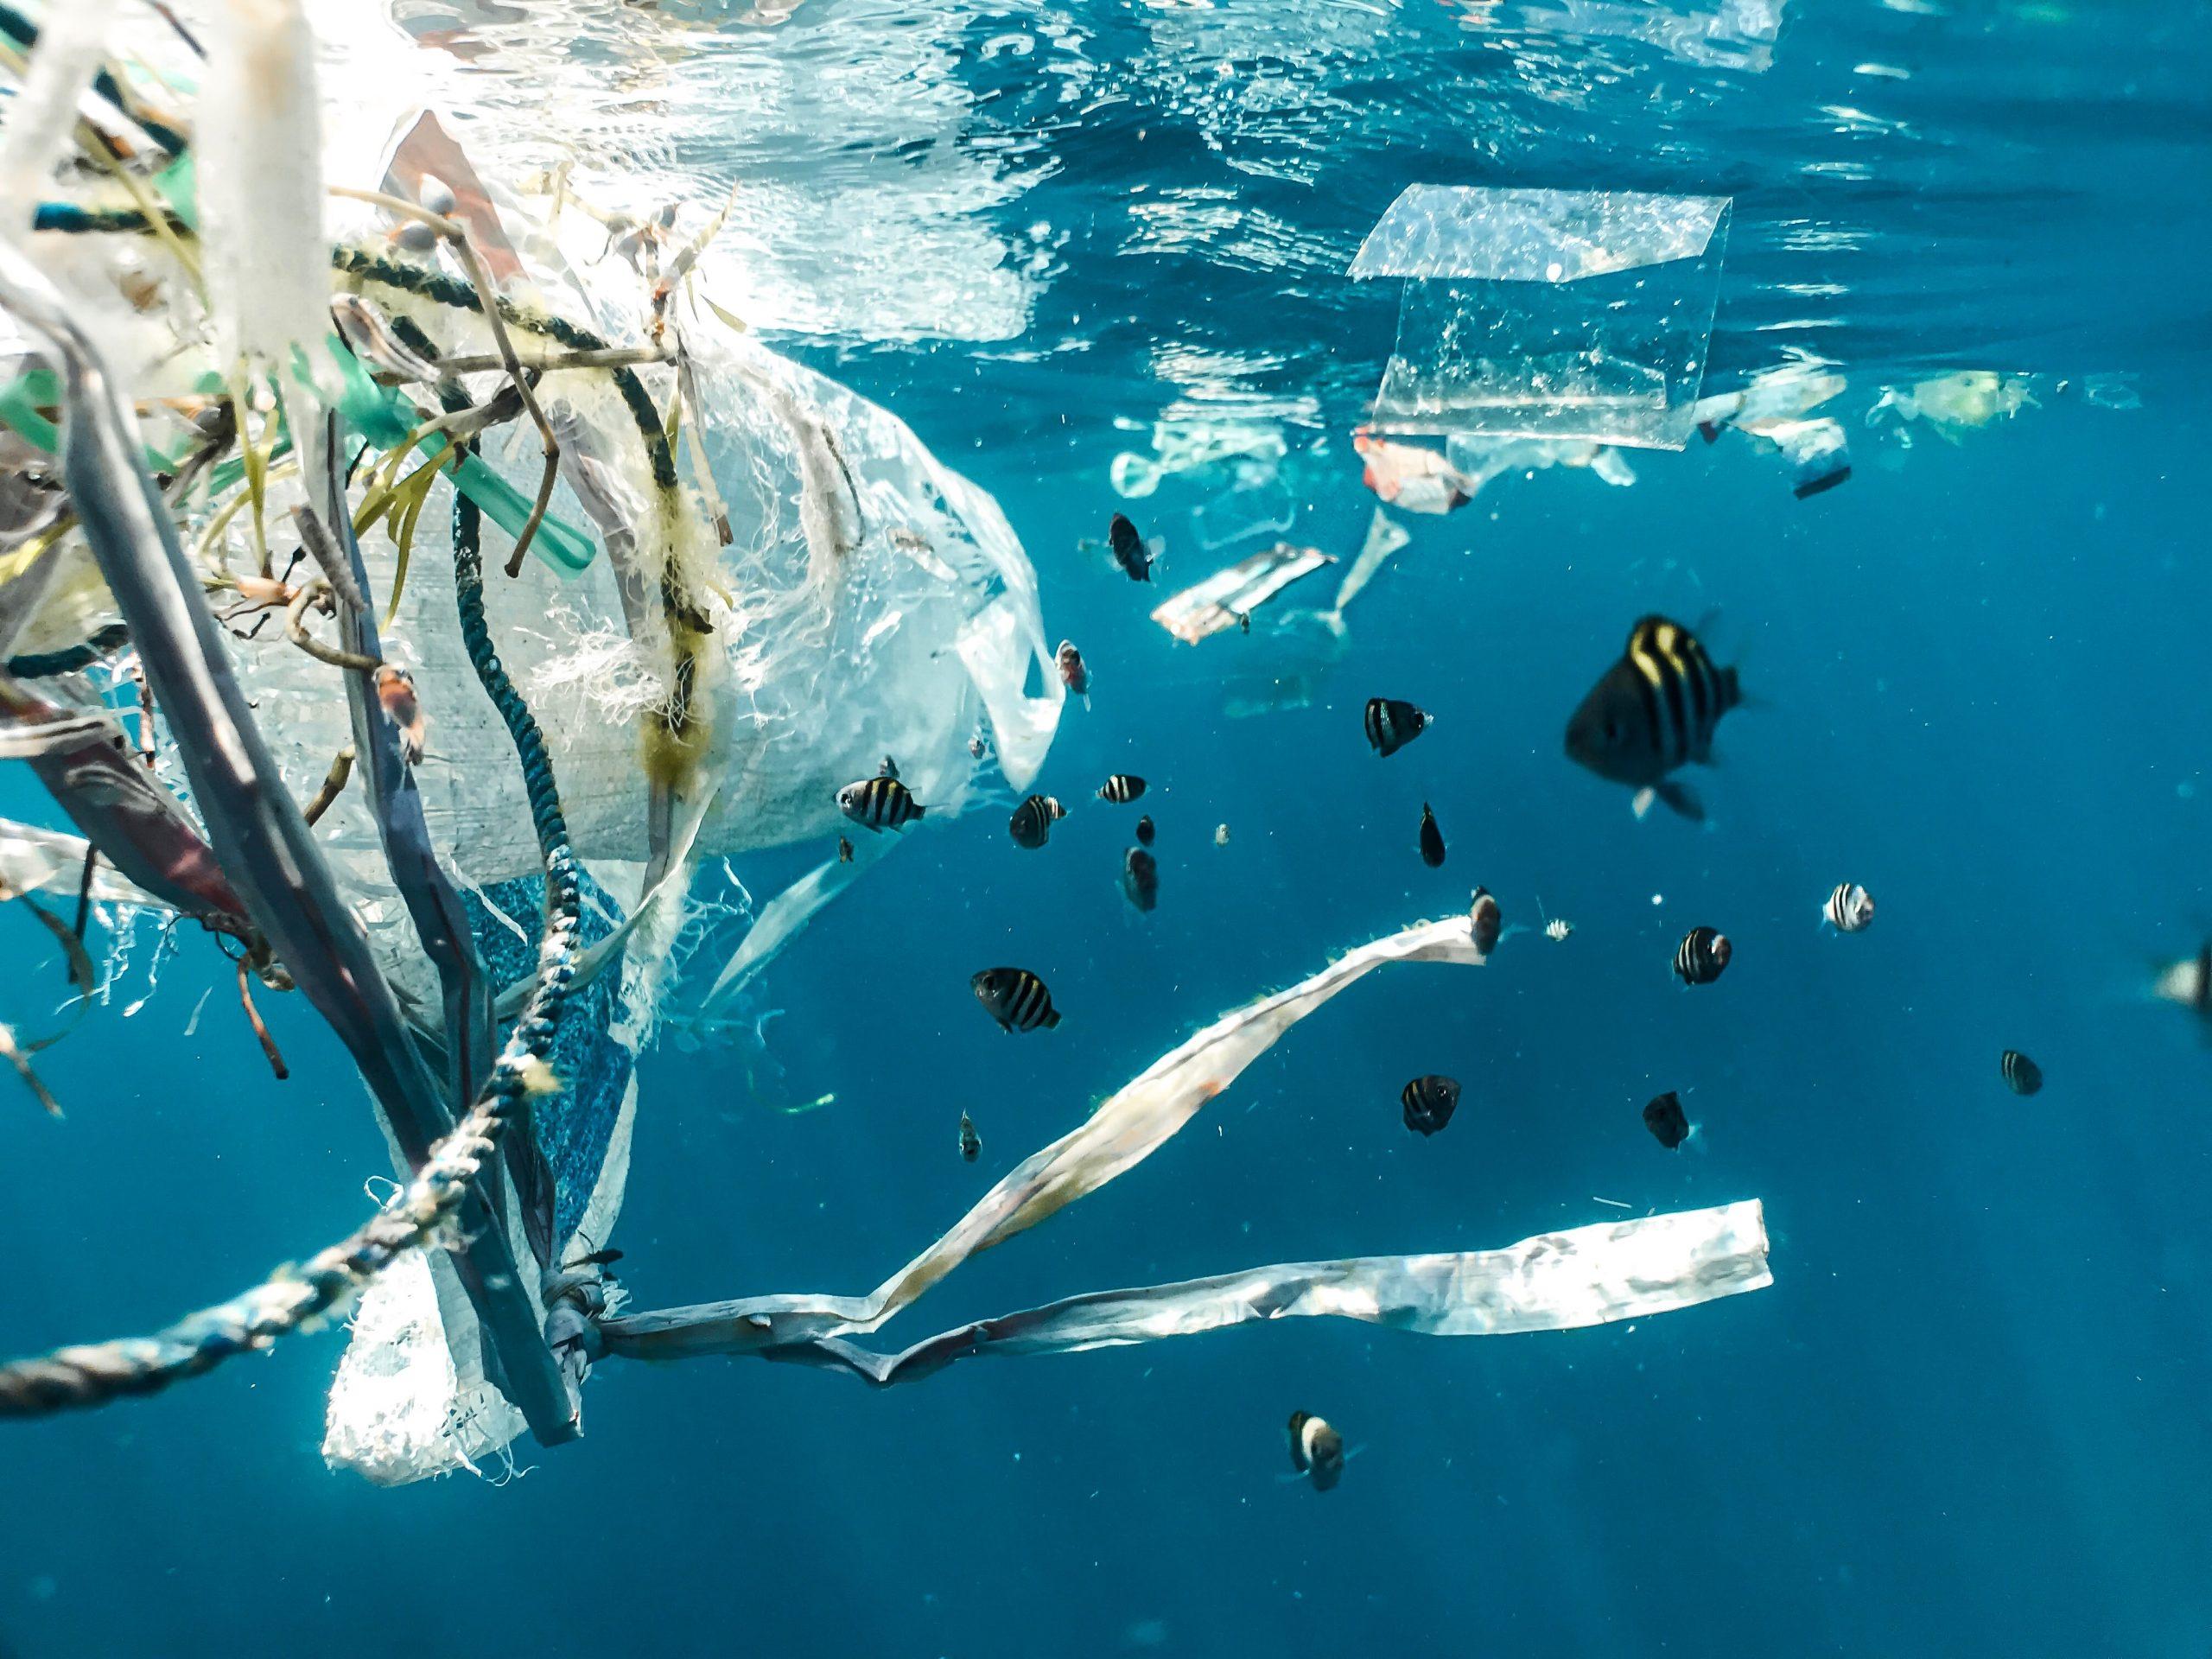 Guvernul a adoptat ordonanța anti-plastic. Ce produse din plastic vor fi interzise în România